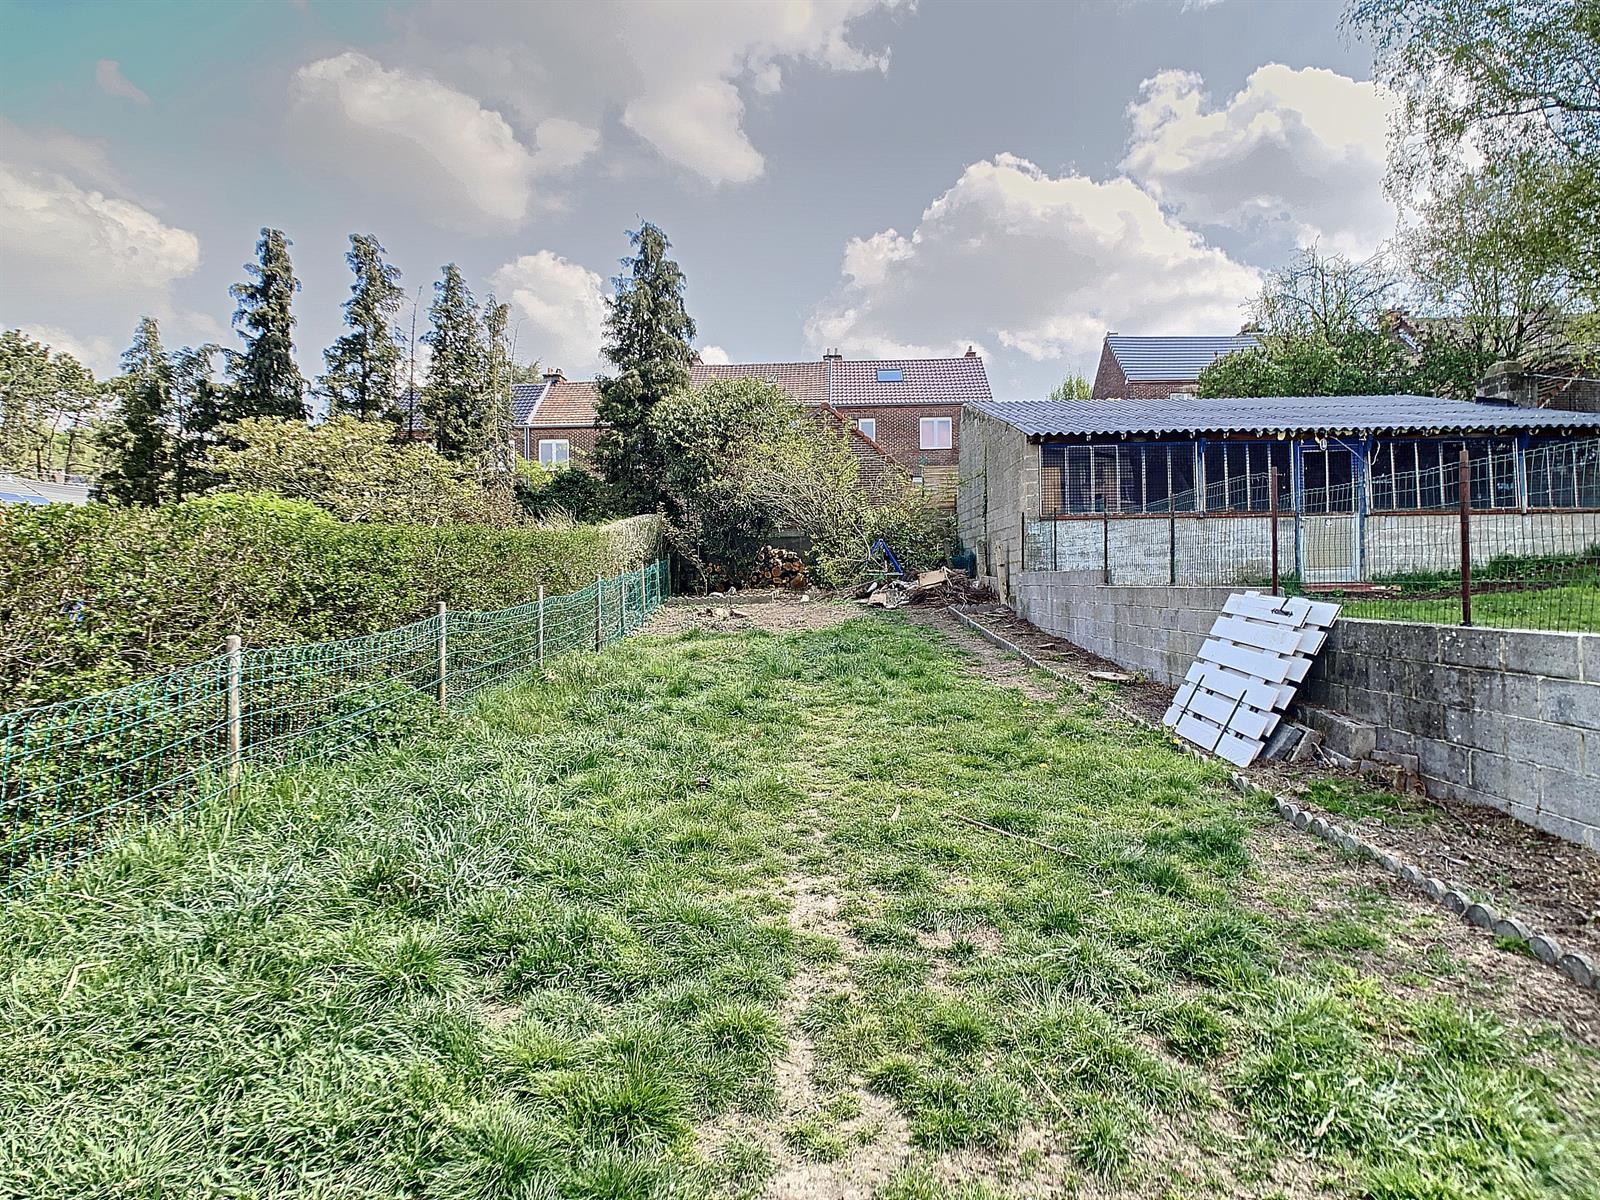 Maison - Charleroi-Marchienne-au-Pont - #4357992-18